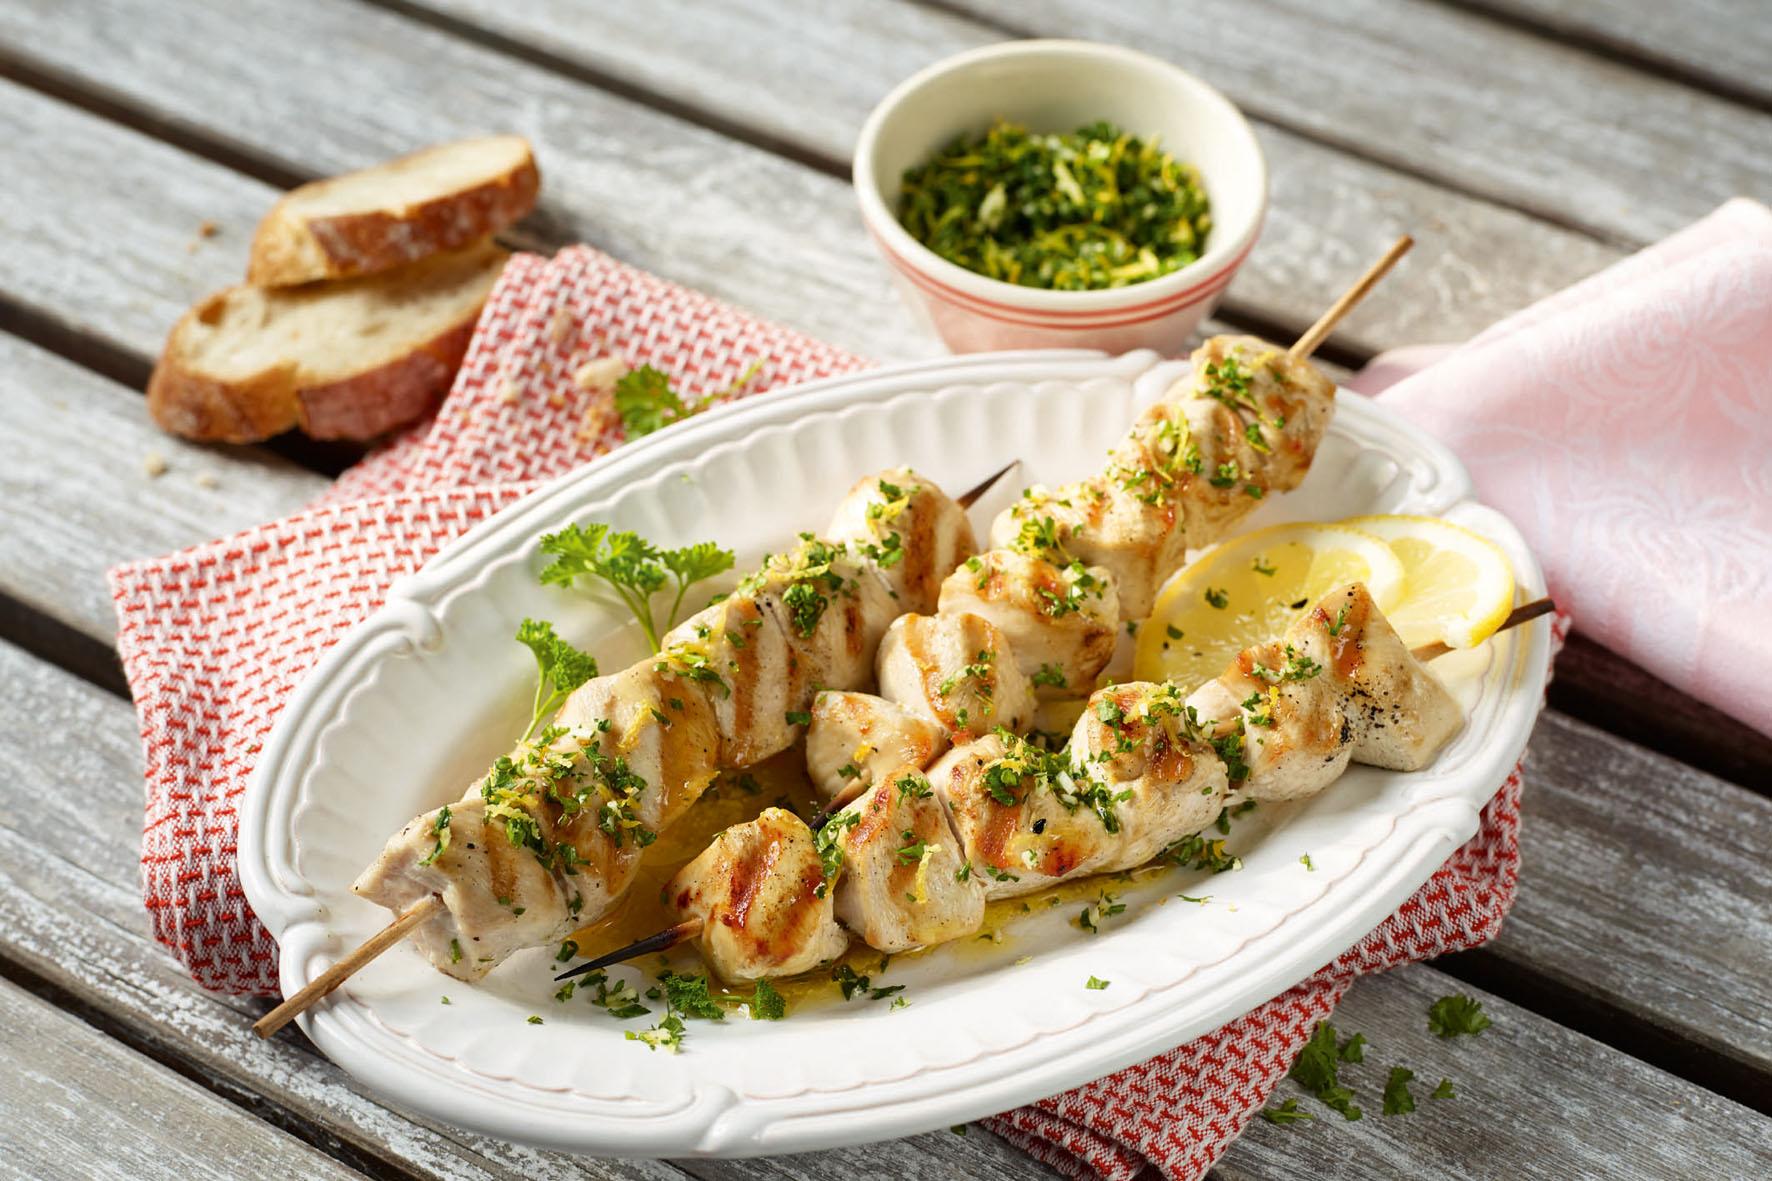 Für eine leichte Ernährung bei hochsommerlichen Temperaturen eignet sich vor allem Geflügelfleisch, das besonders fettarm ist - wie etwa gegrillte Hähnchenspieße mit Gremolata.